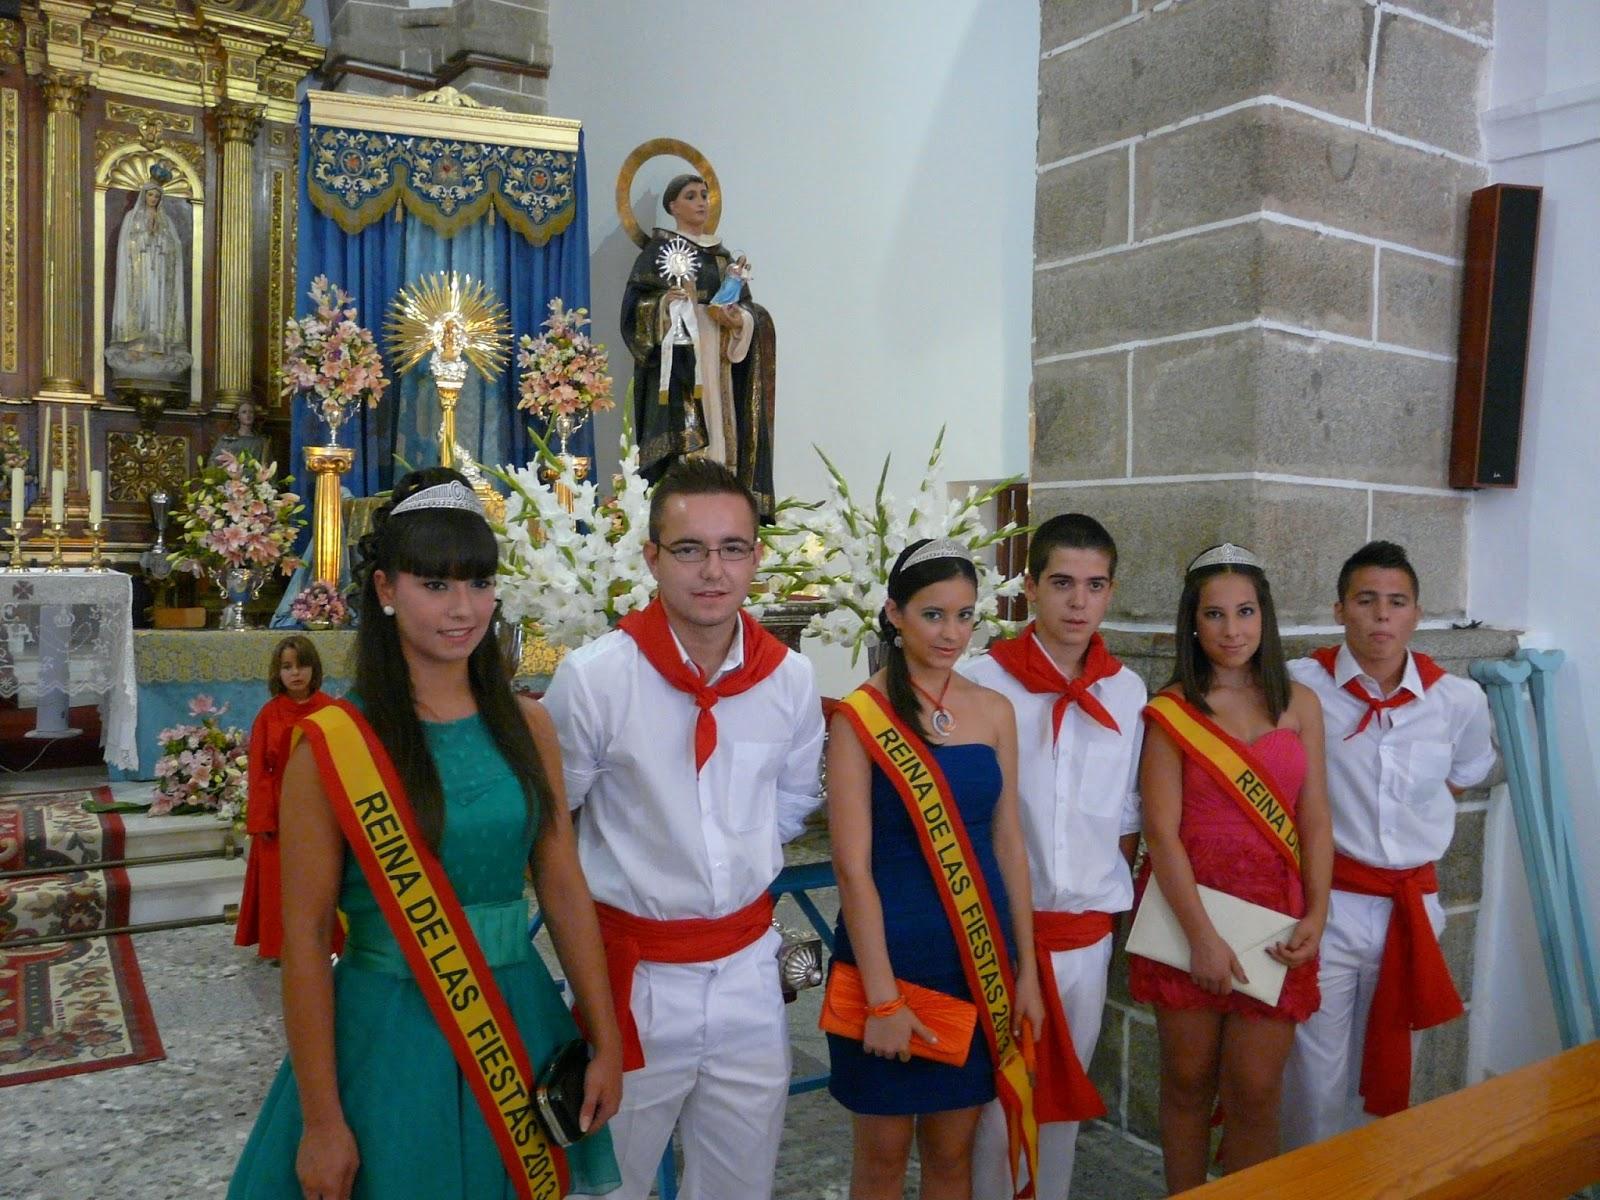 Parroquia san mateo celebraci n de san jacinto patr n de for Villanueva del duque